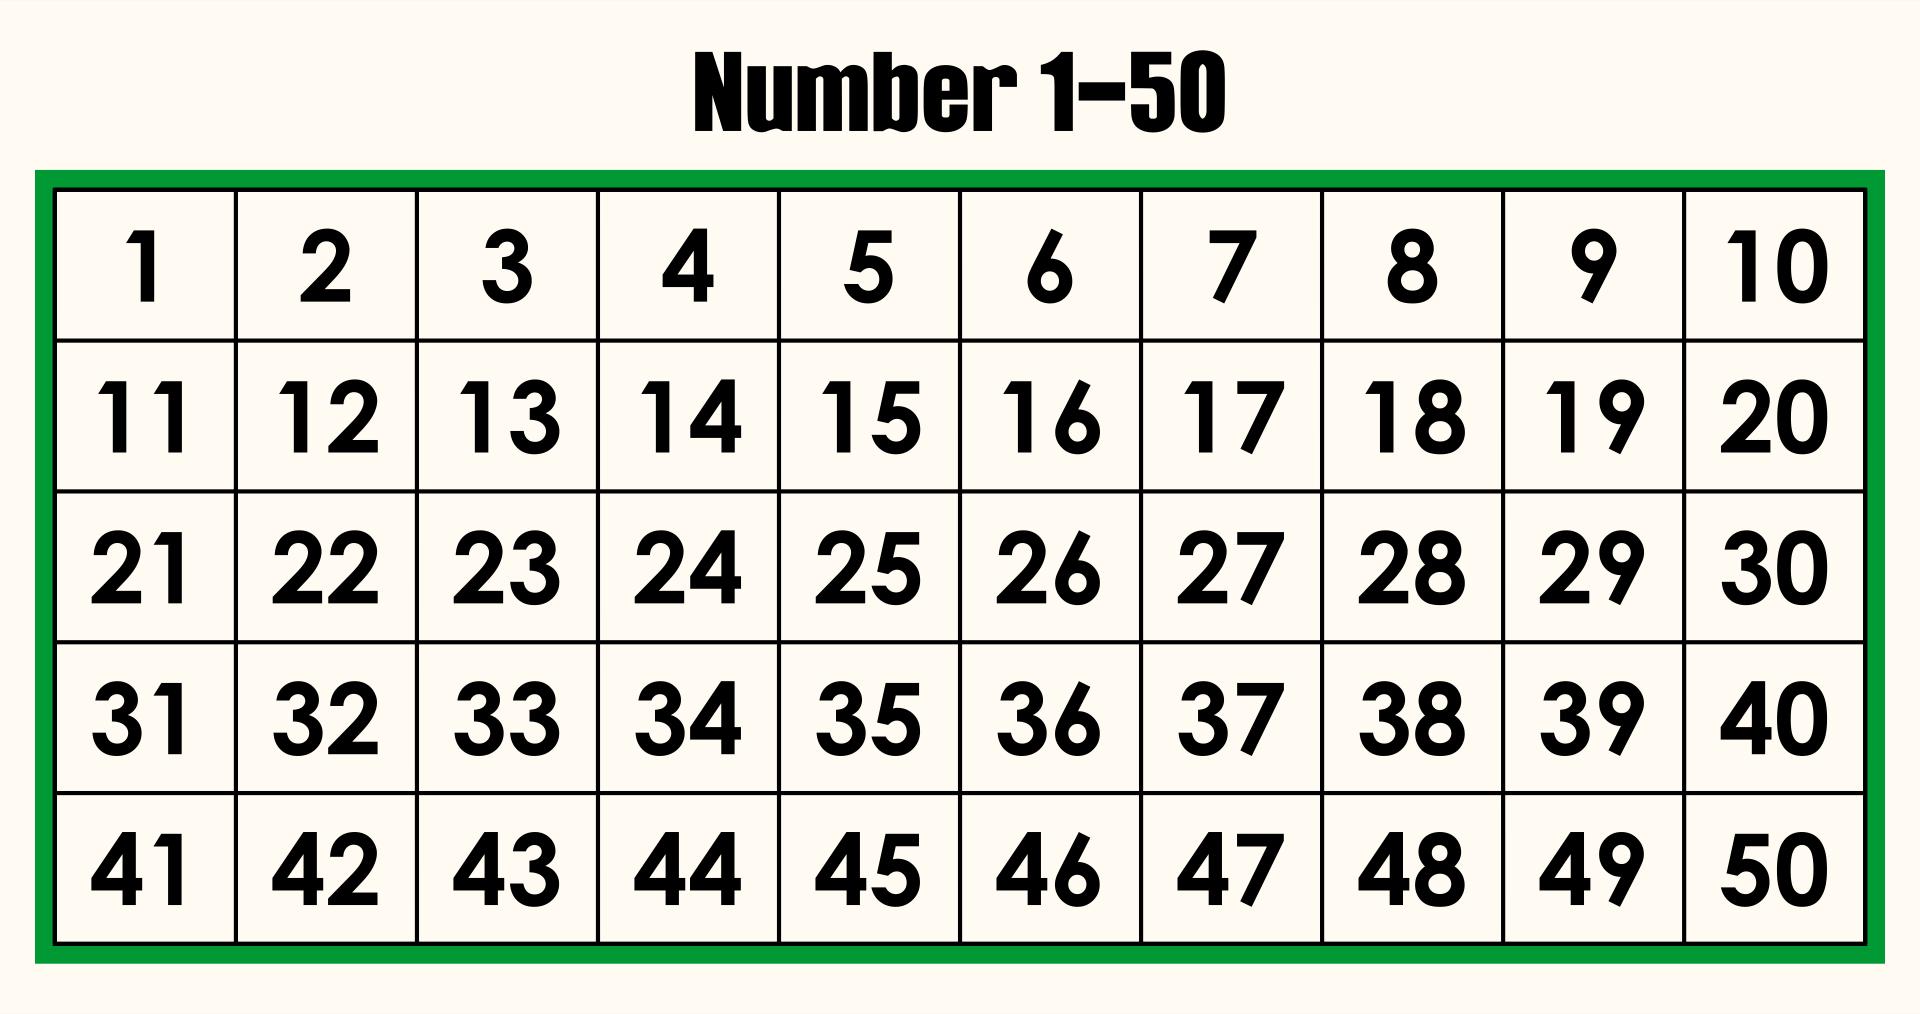 10 Best Printable Number Grid 1 50 - printablee.com